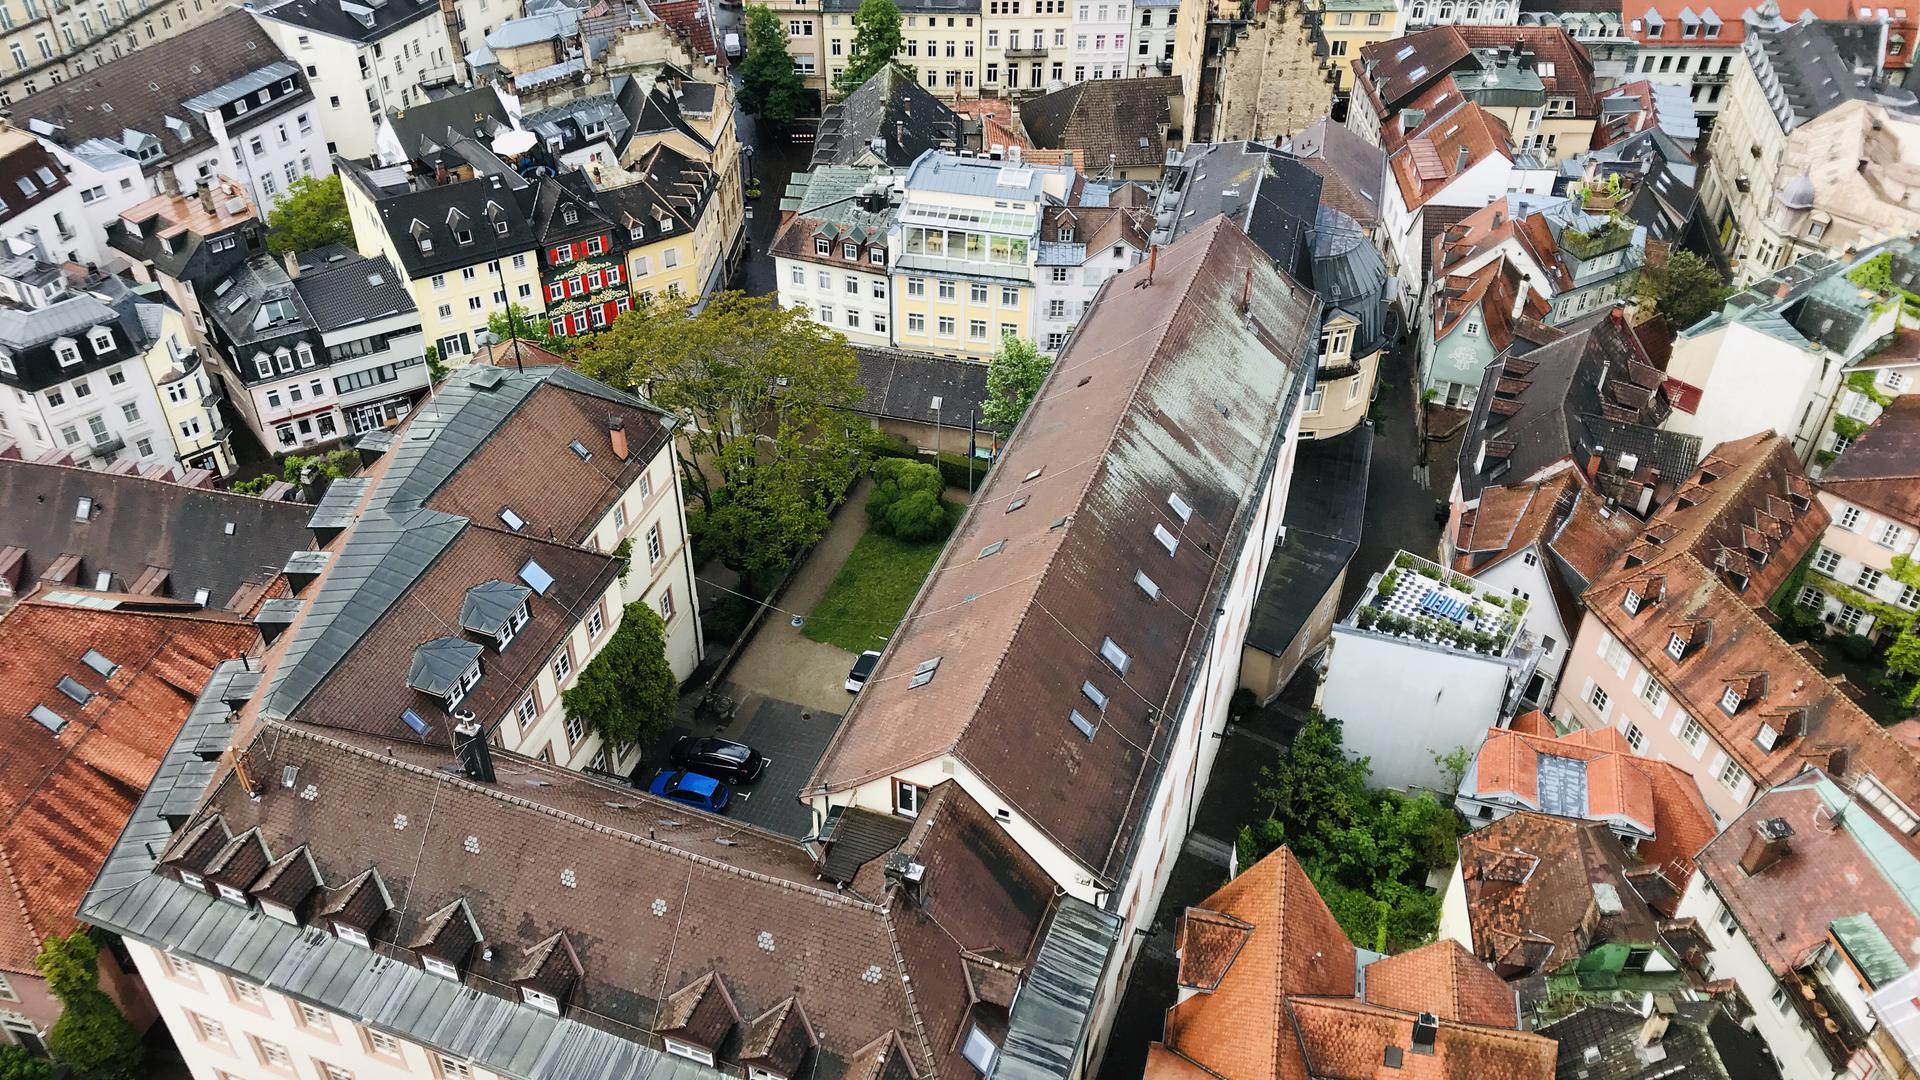 Einsturzgefährdet war das Dach des Rathauses in Baden-Baden in Teilbereichen. Inzwischen wurde die Konstruktion mit Stützen stabilitsiert. Dennoch ist eine aufwändige Sanierung erforderlich.